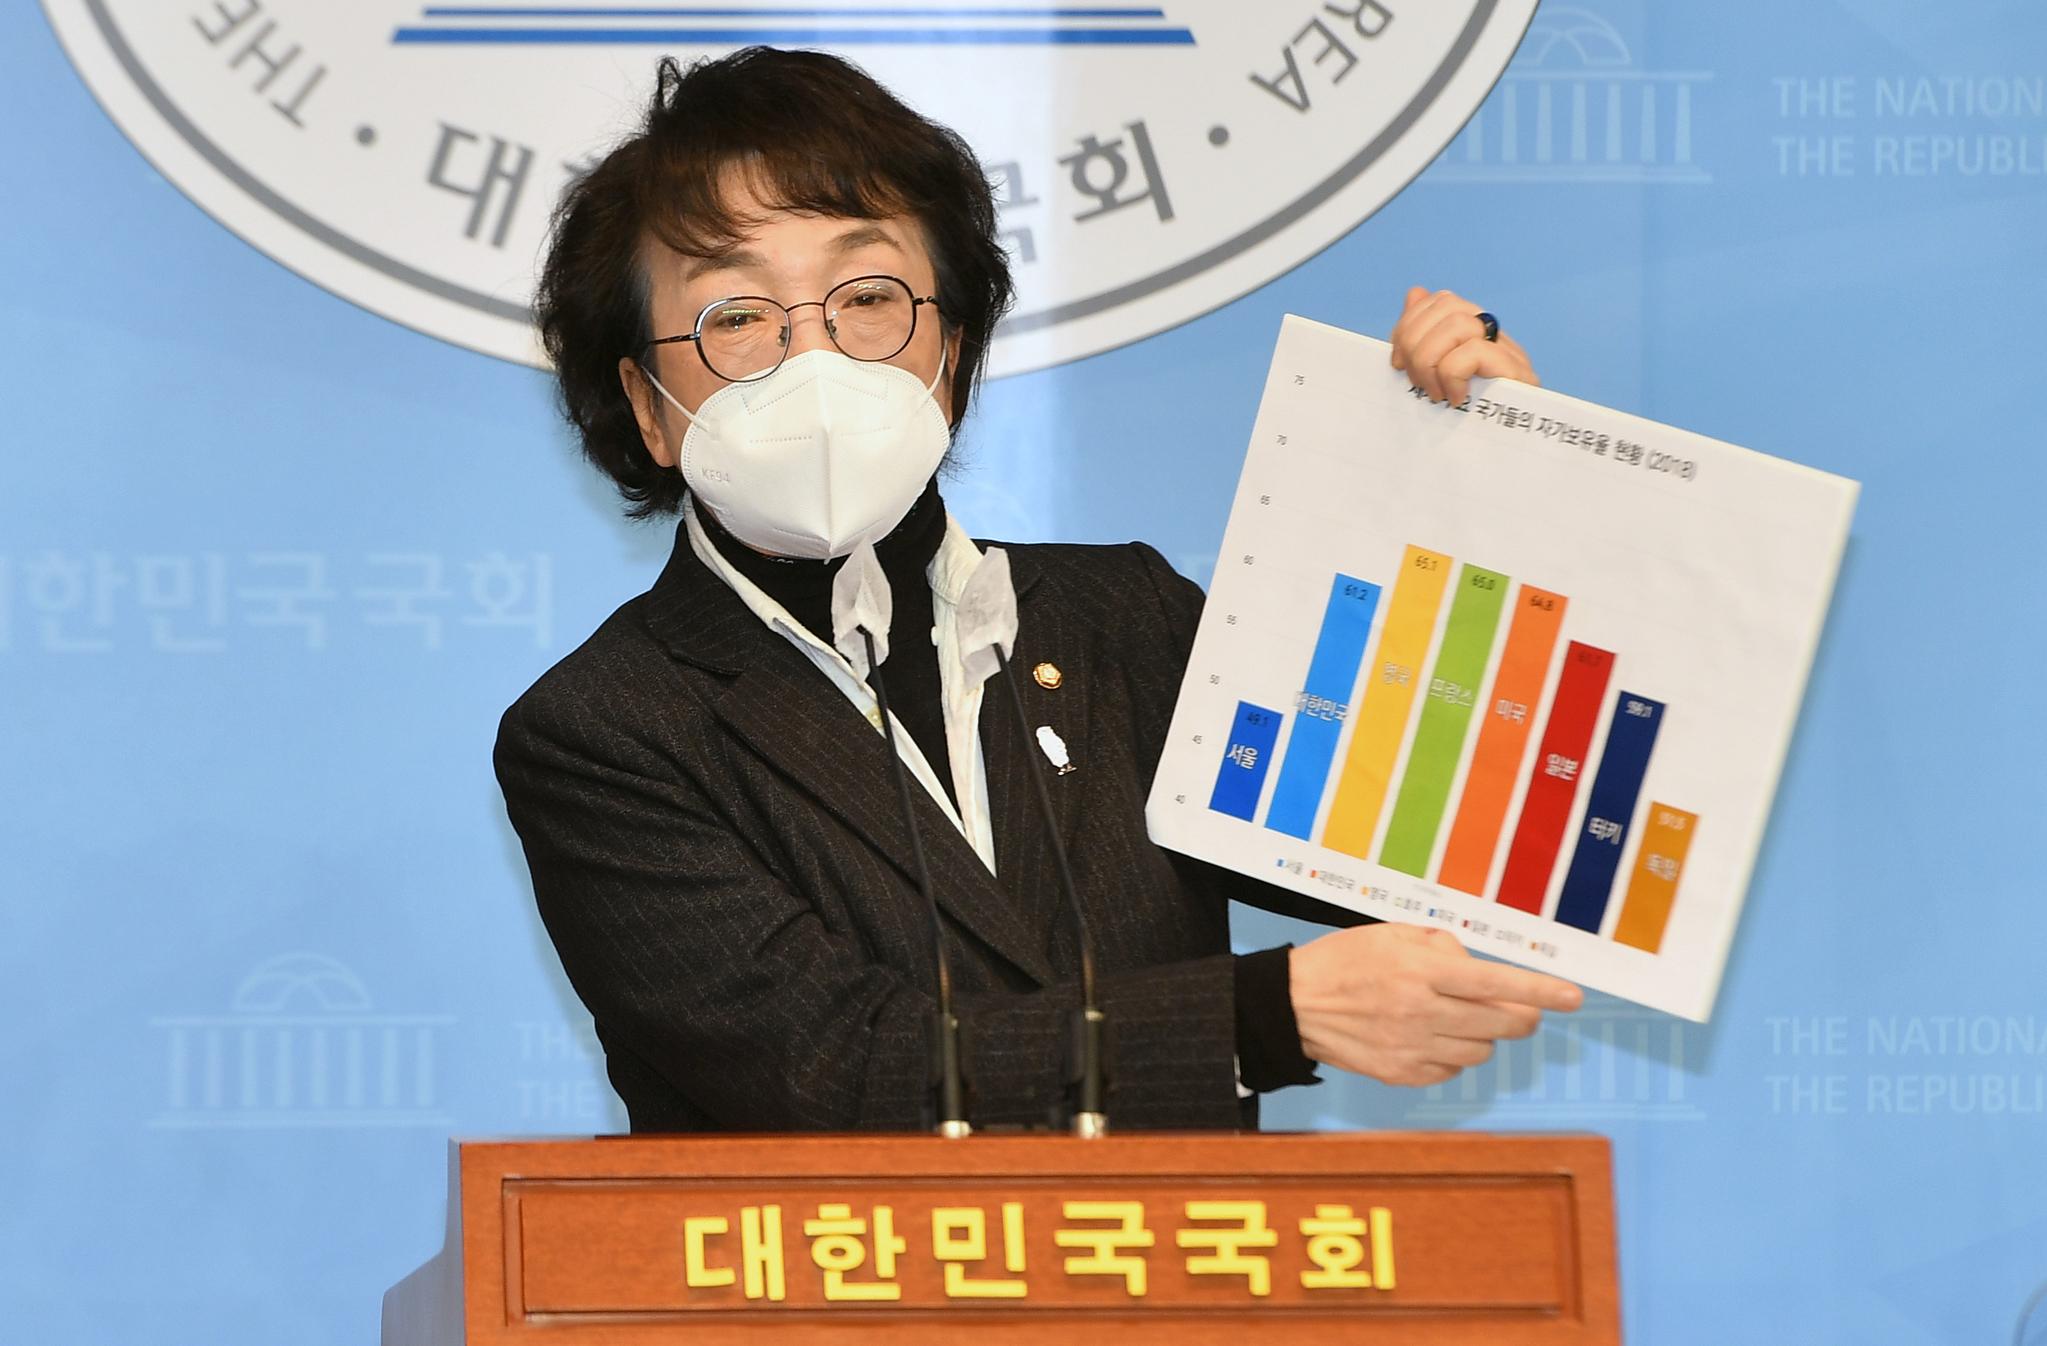 서울시장 보궐선거에 출마한 김진애 열린민주당 의원. 중앙포토